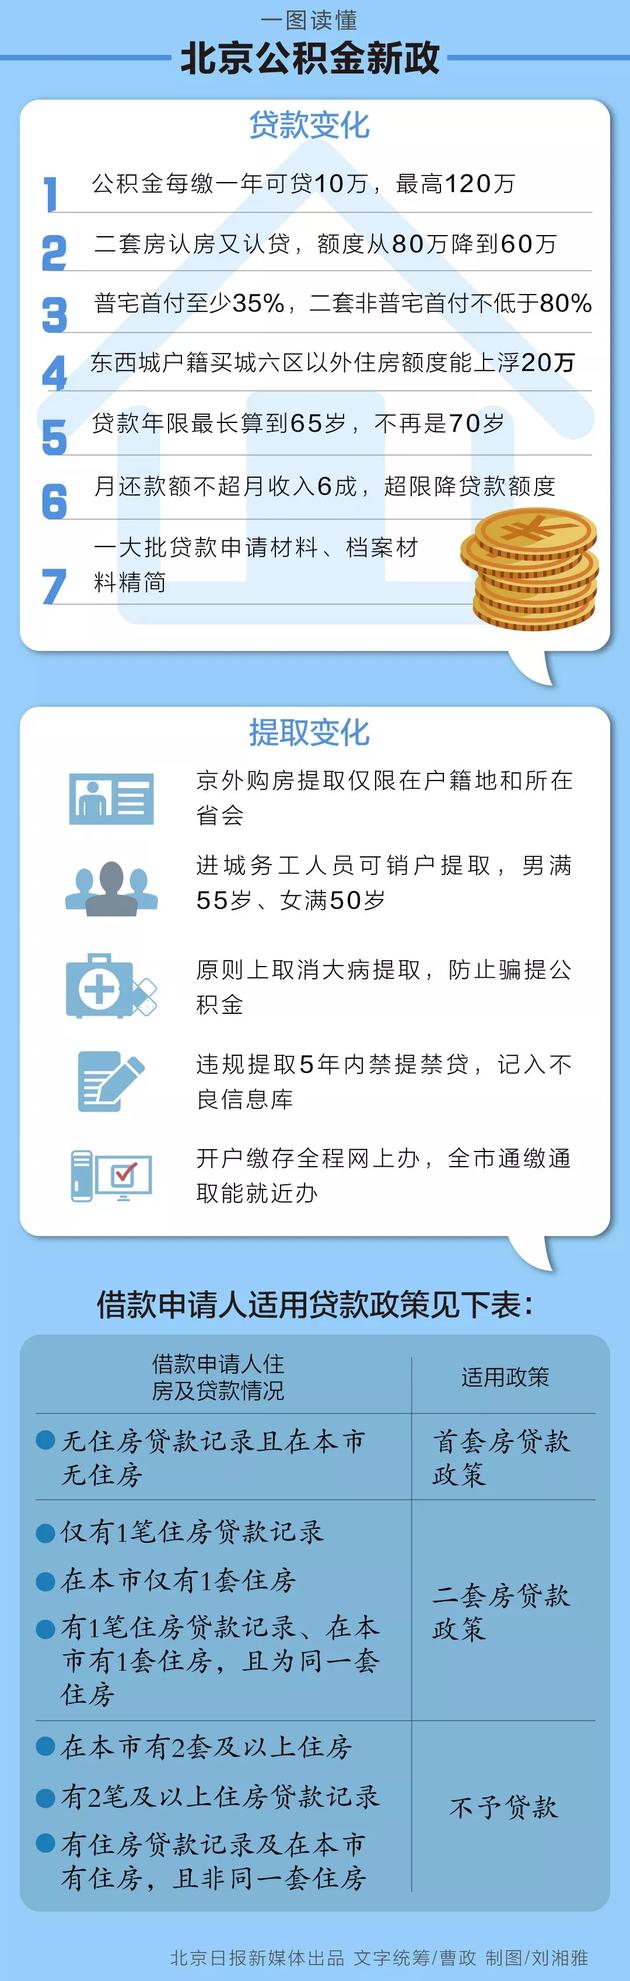 赶紧看看!北京公积金发布重磅新政 这些政策将从9月17日施行